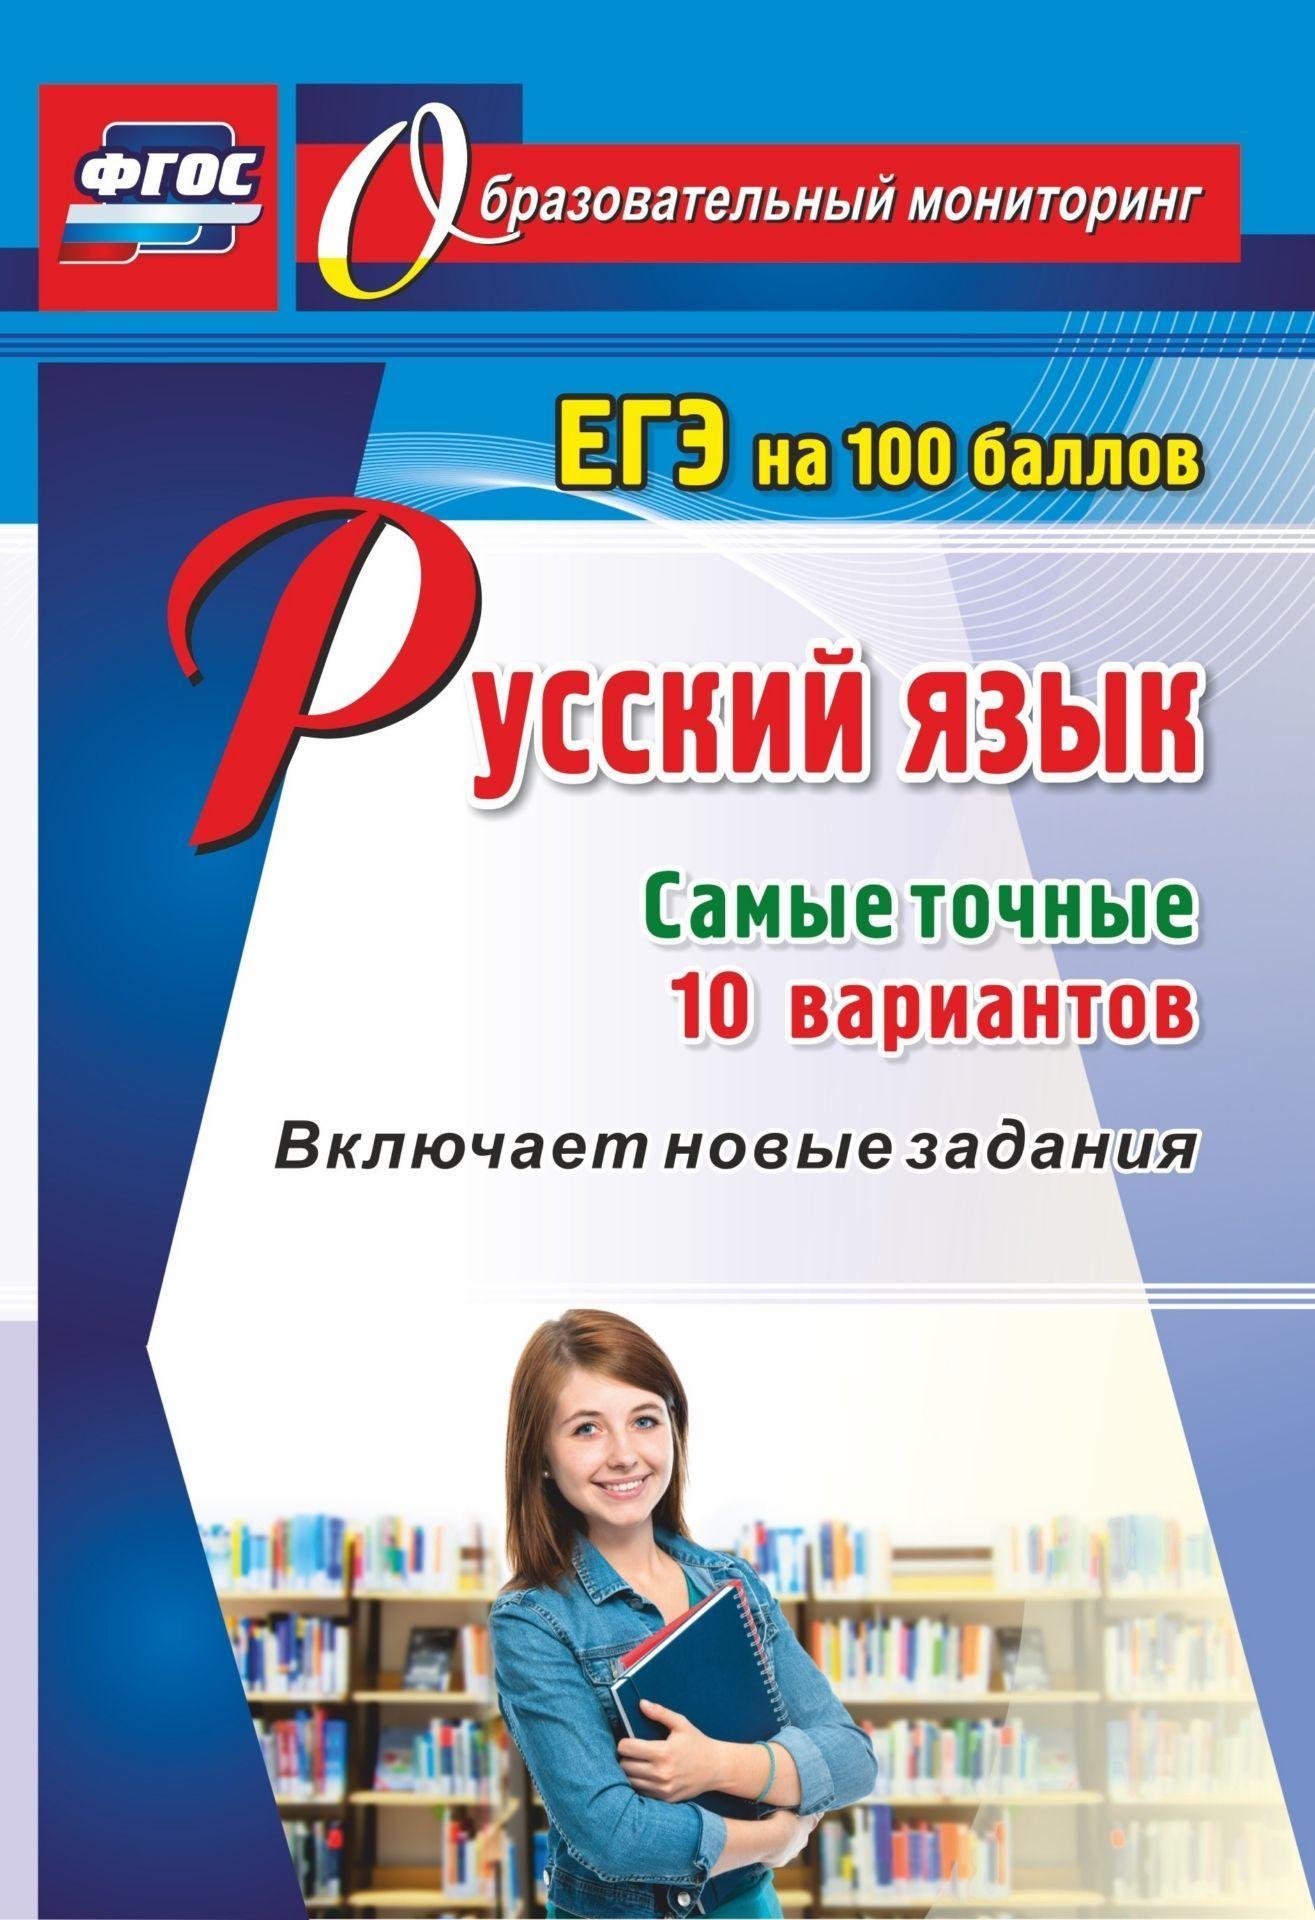 Русский язык. ЕГЭ на 100 баллов. Самые точные 10 вариантов: Включает новые задания